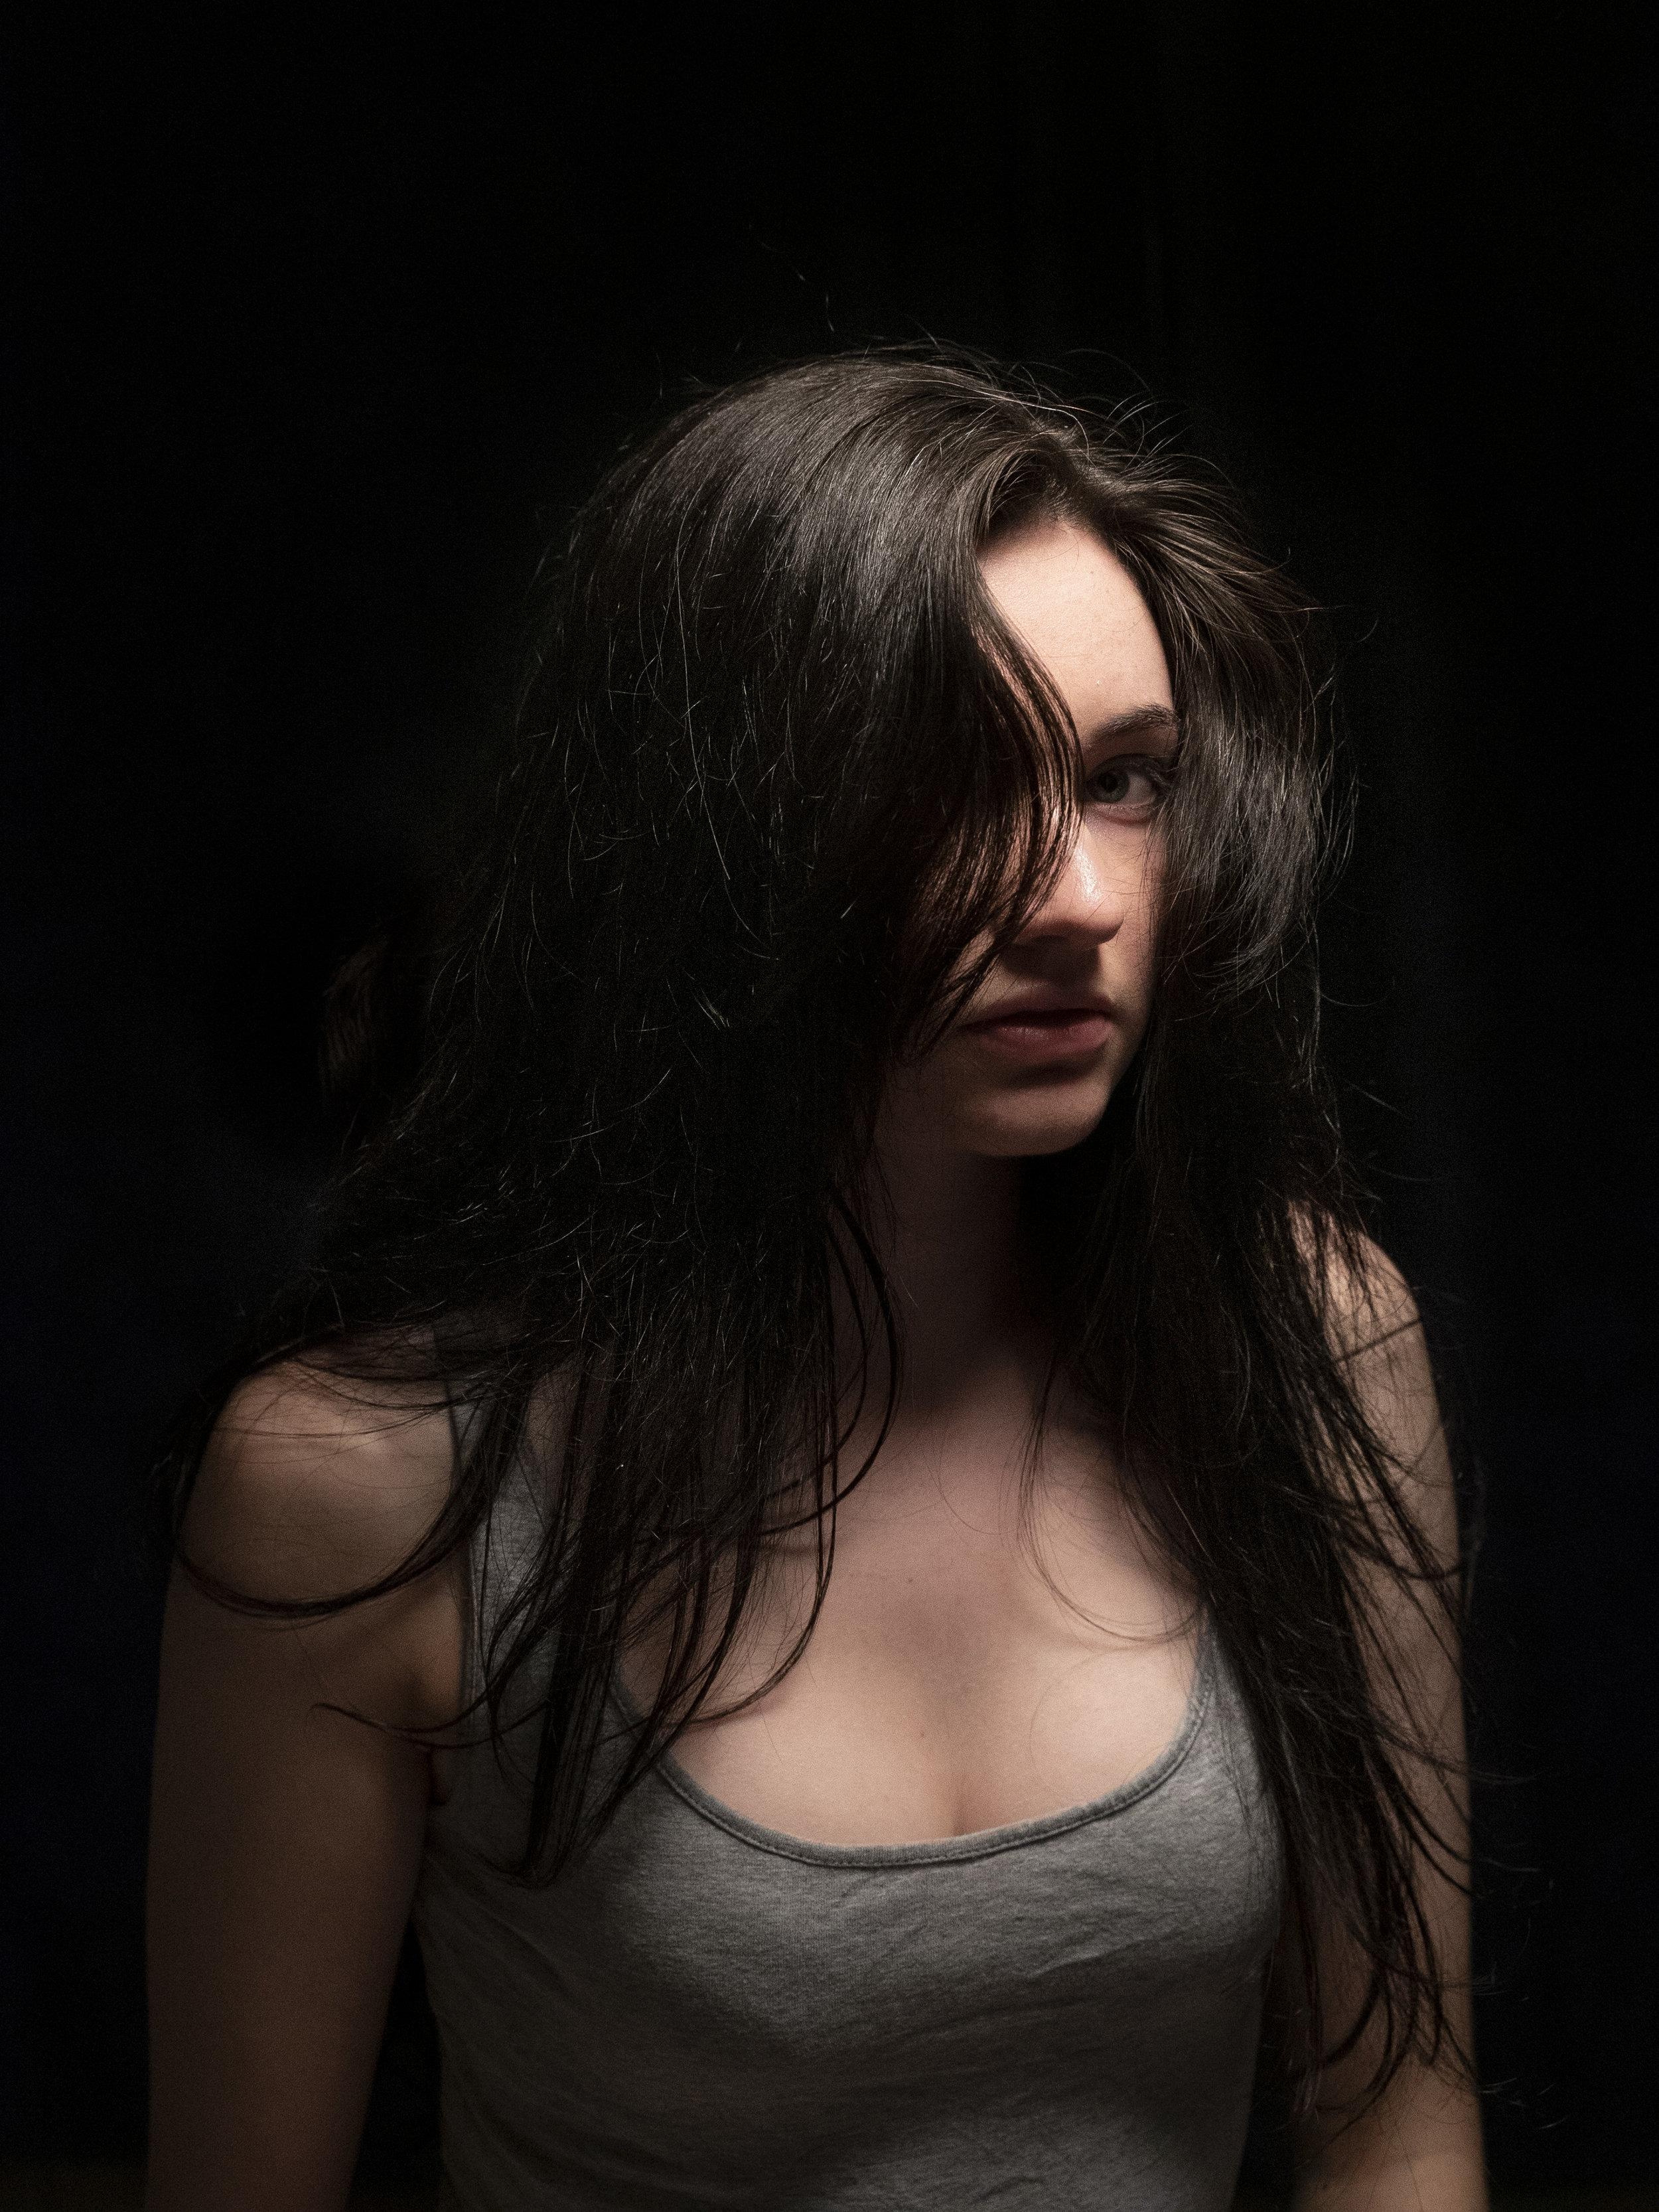 Hair_001_X1_0111.jpg